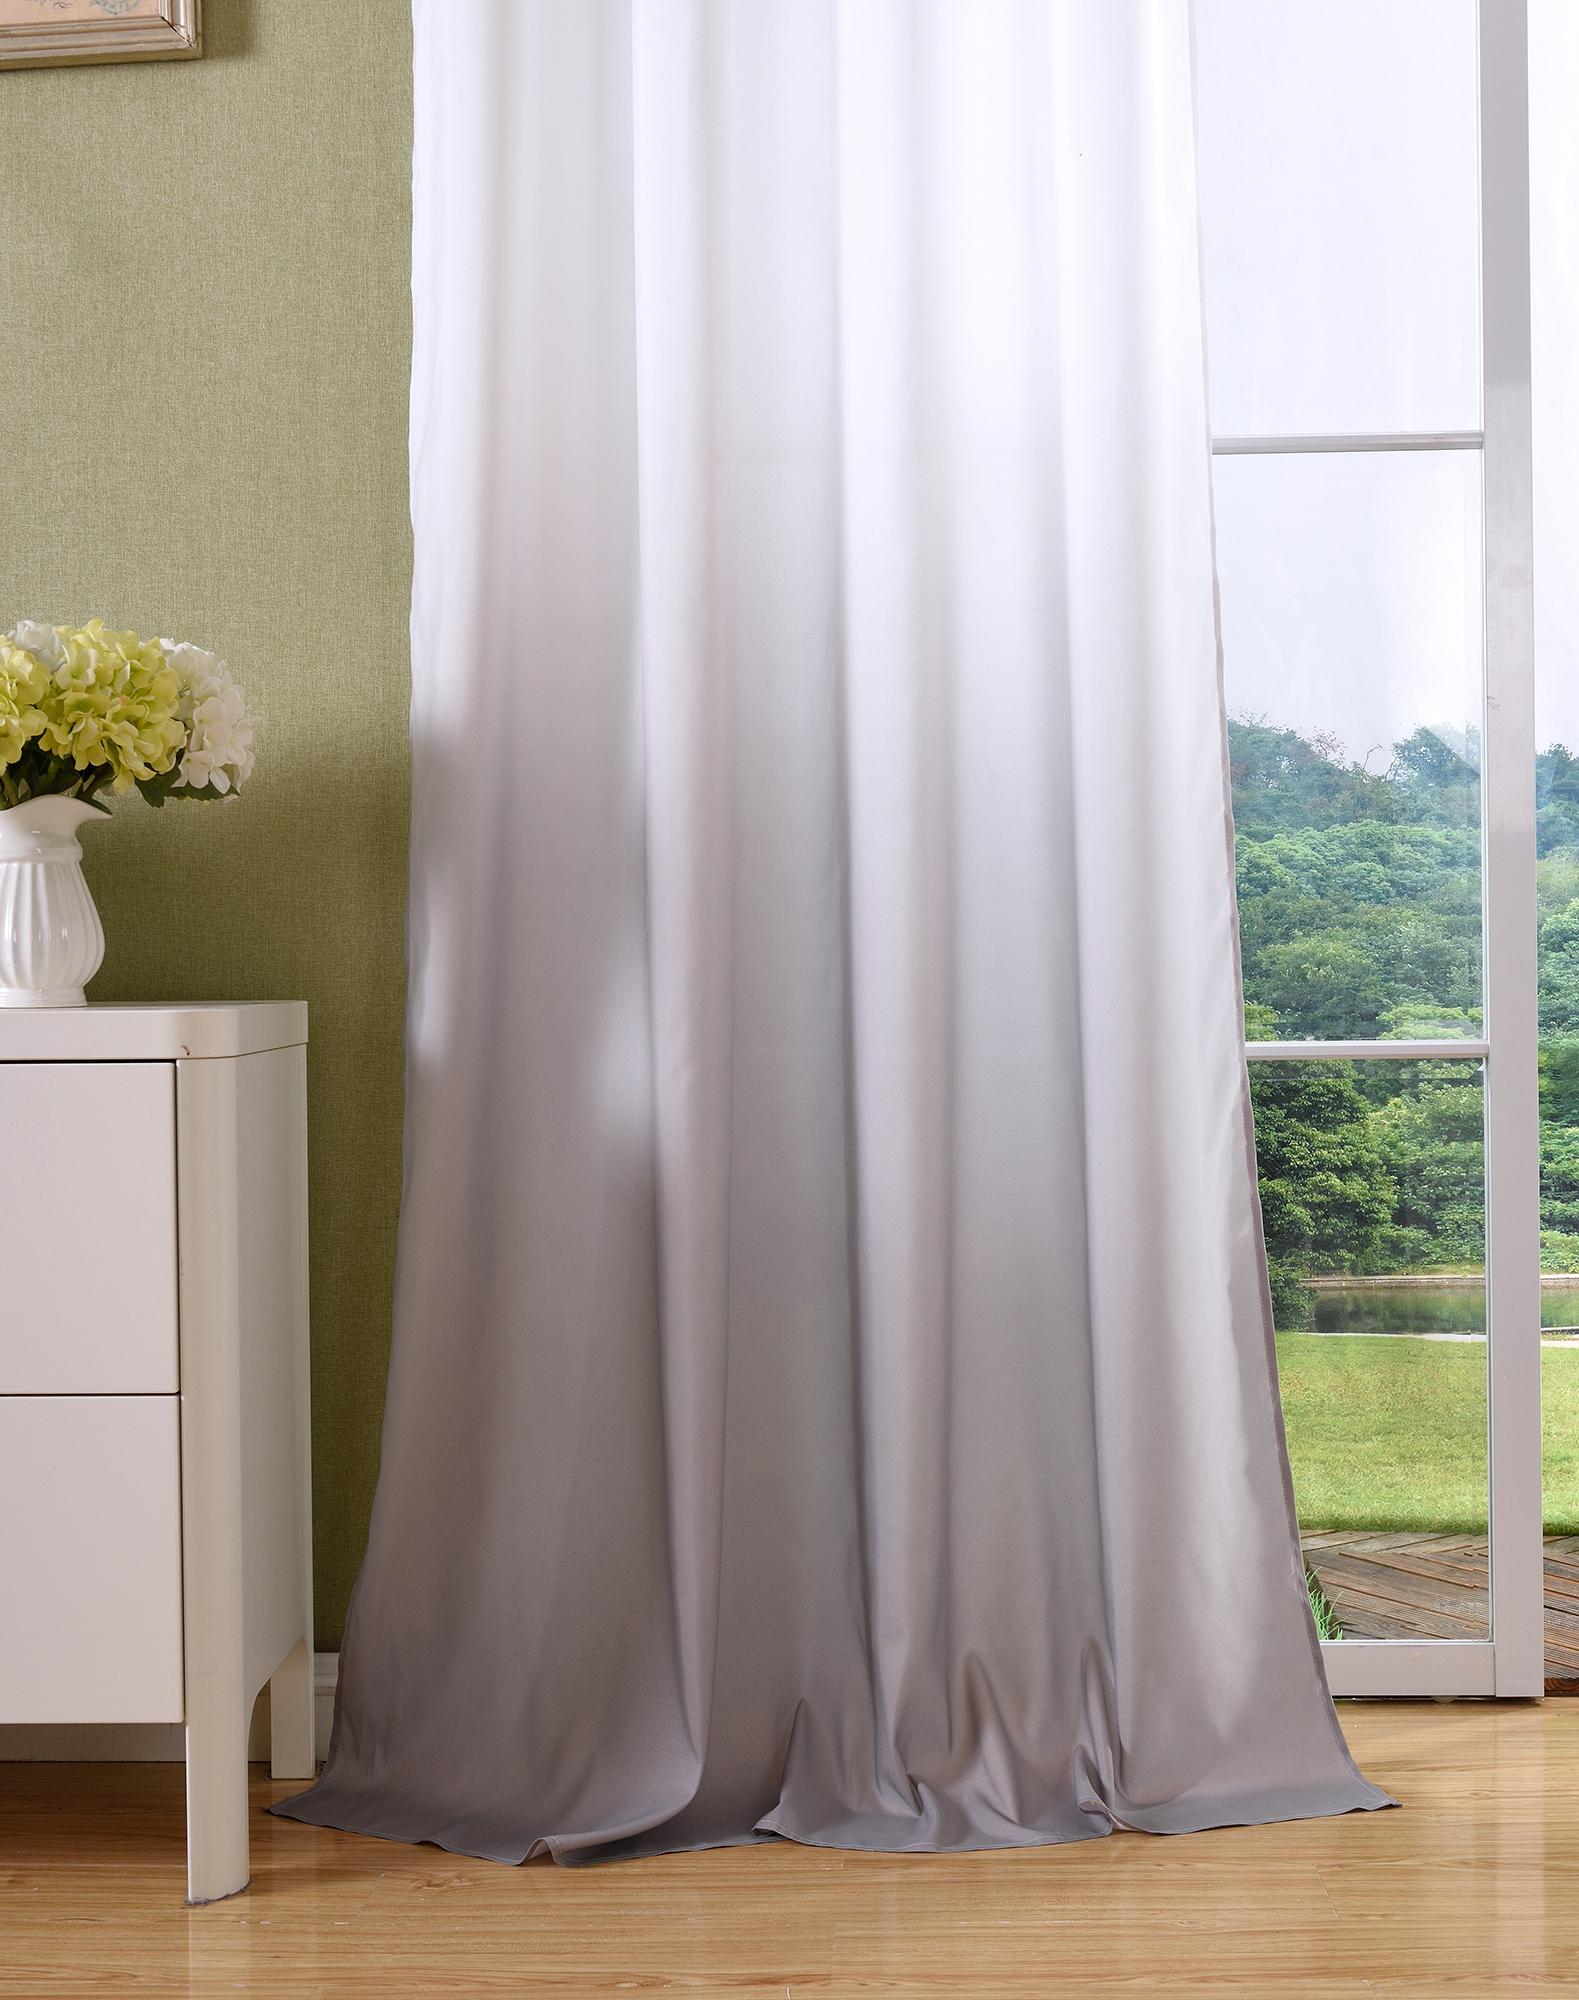 vorhang blickdicht schal sen gardine microsatin farbverlauf ebay. Black Bedroom Furniture Sets. Home Design Ideas